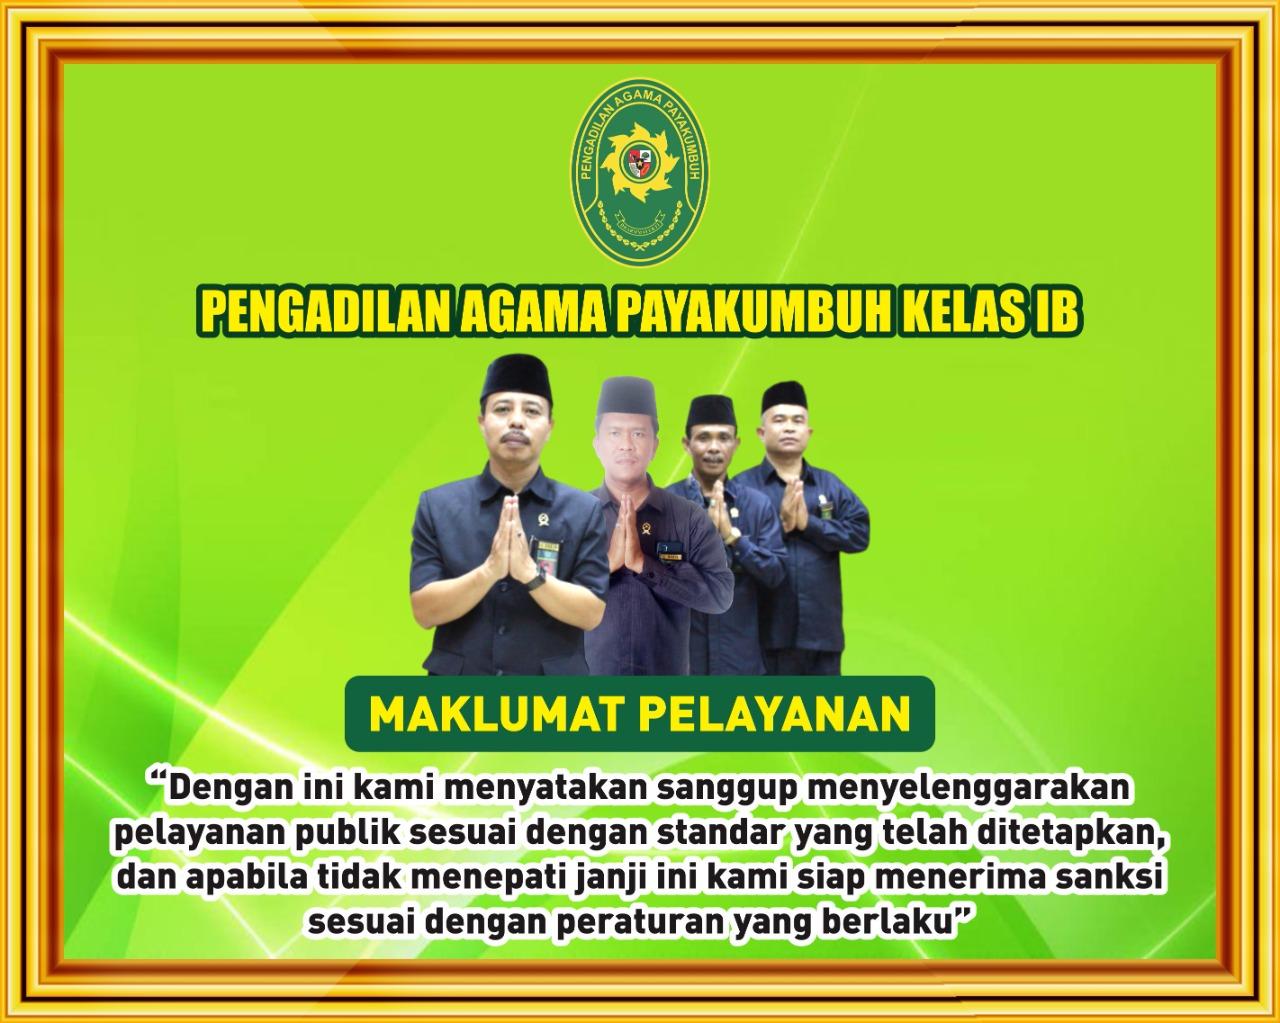 Maklumat Pelayanan Pengadilan Agama Payakumbuh